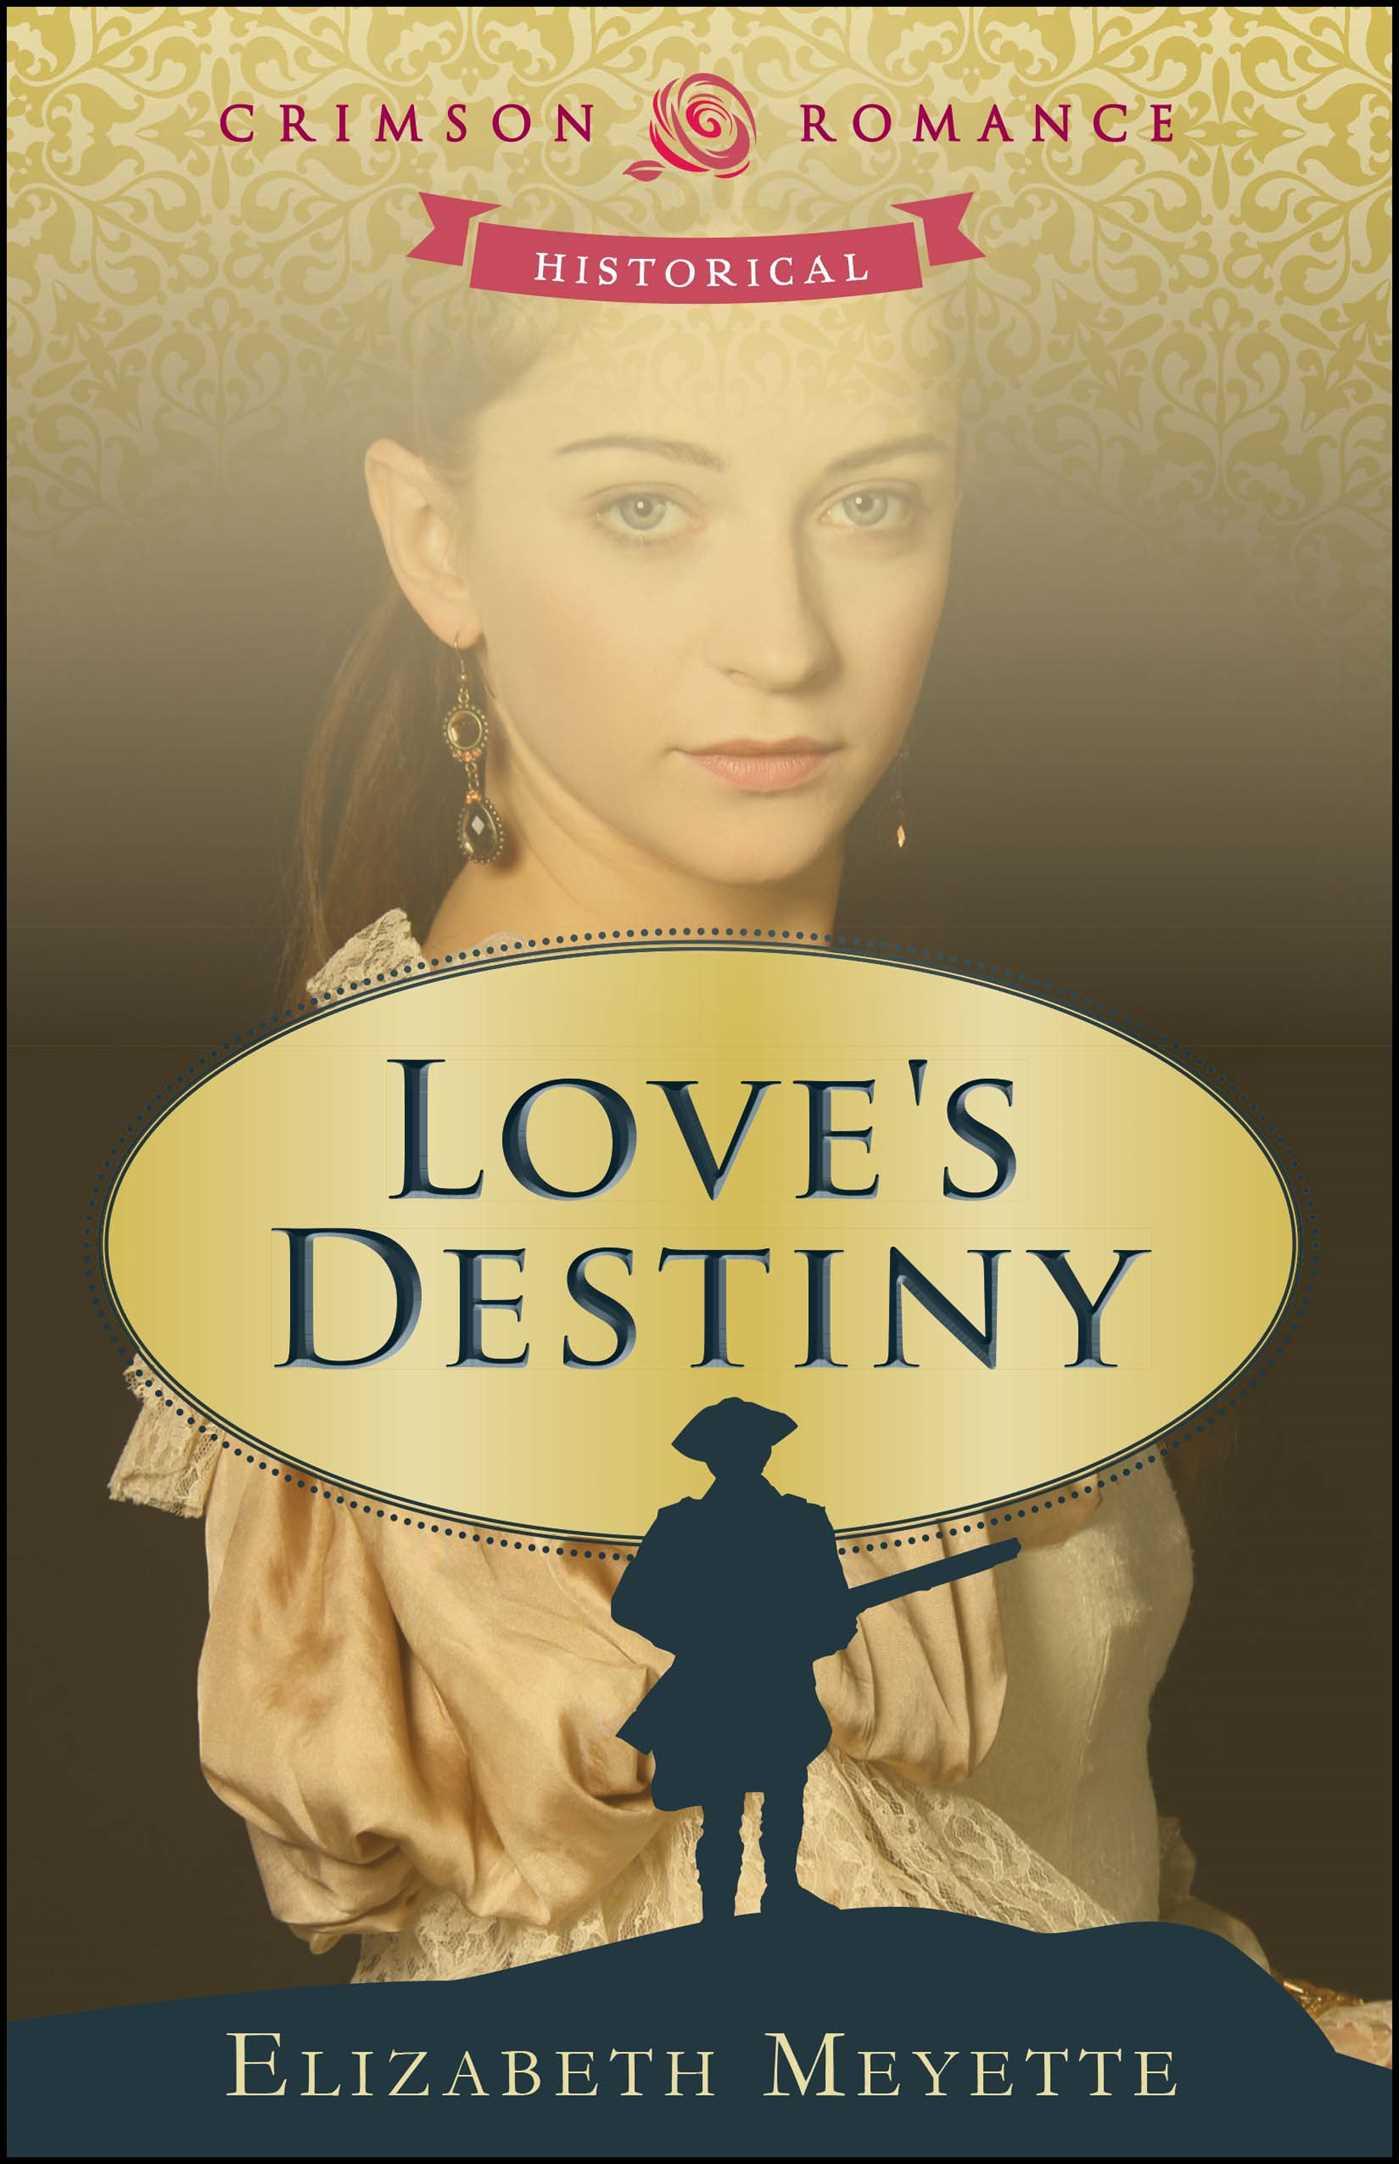 Loves destiny 9781440550621 hr